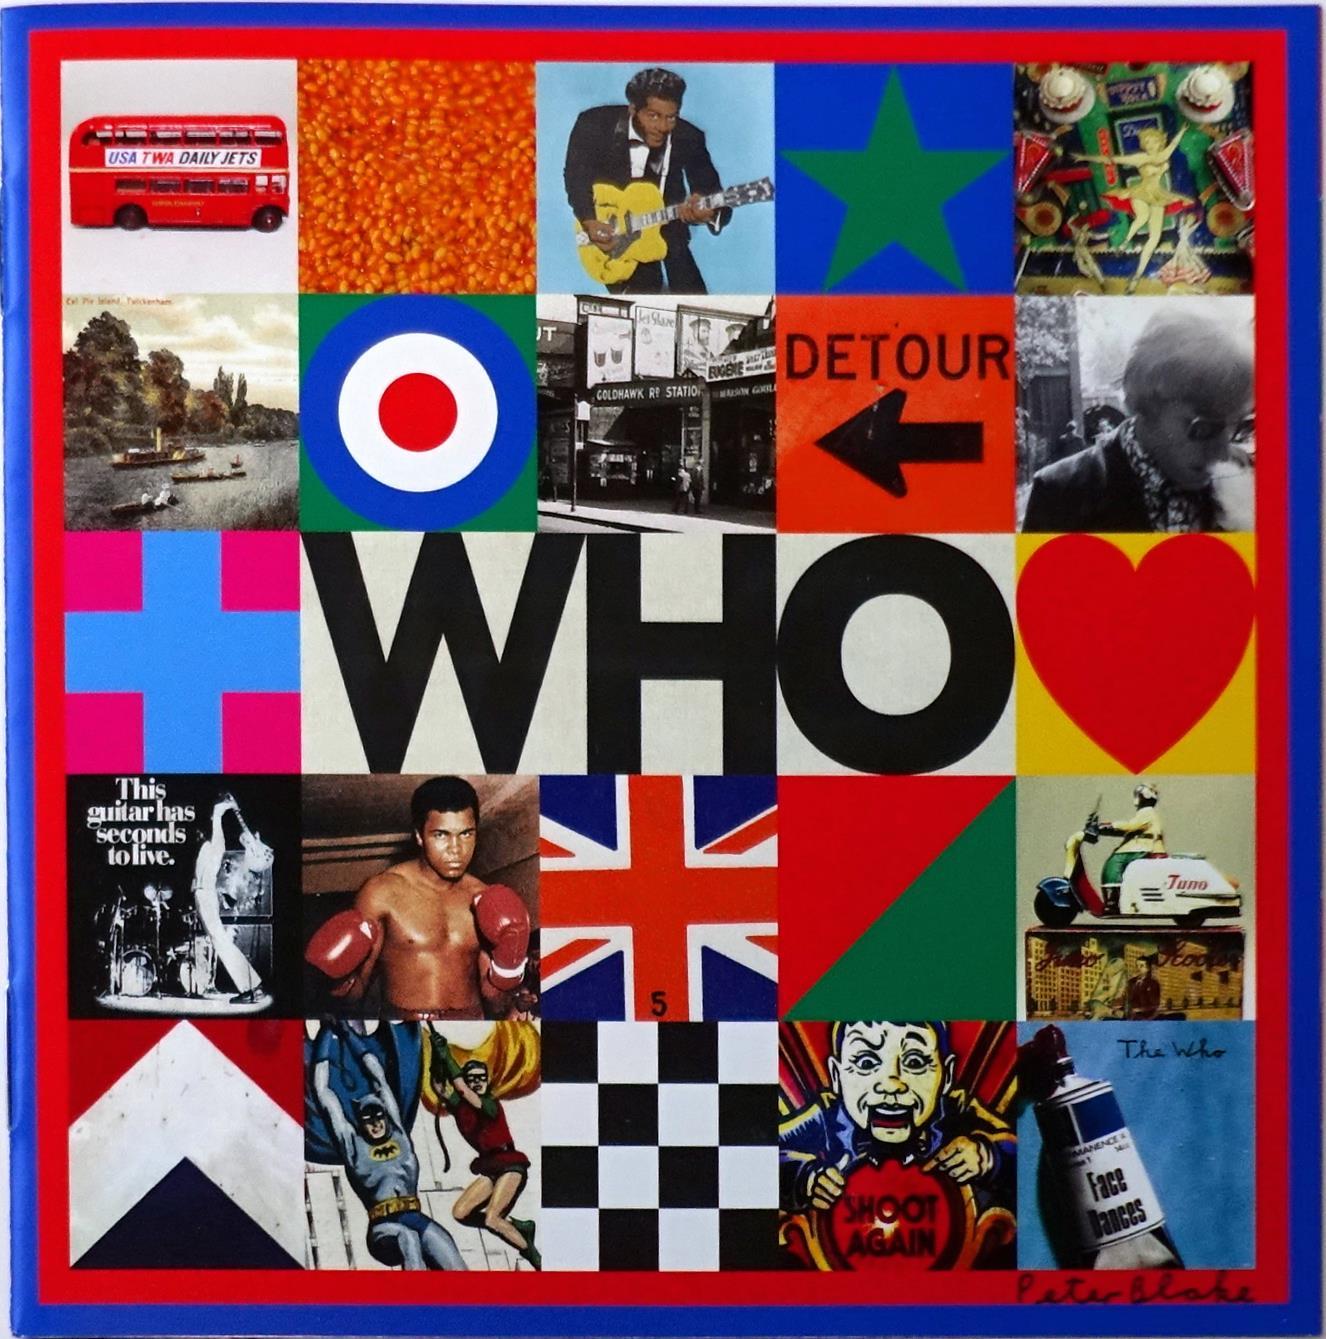 ザックが参加したザ・フーのアルバム『WHO』。